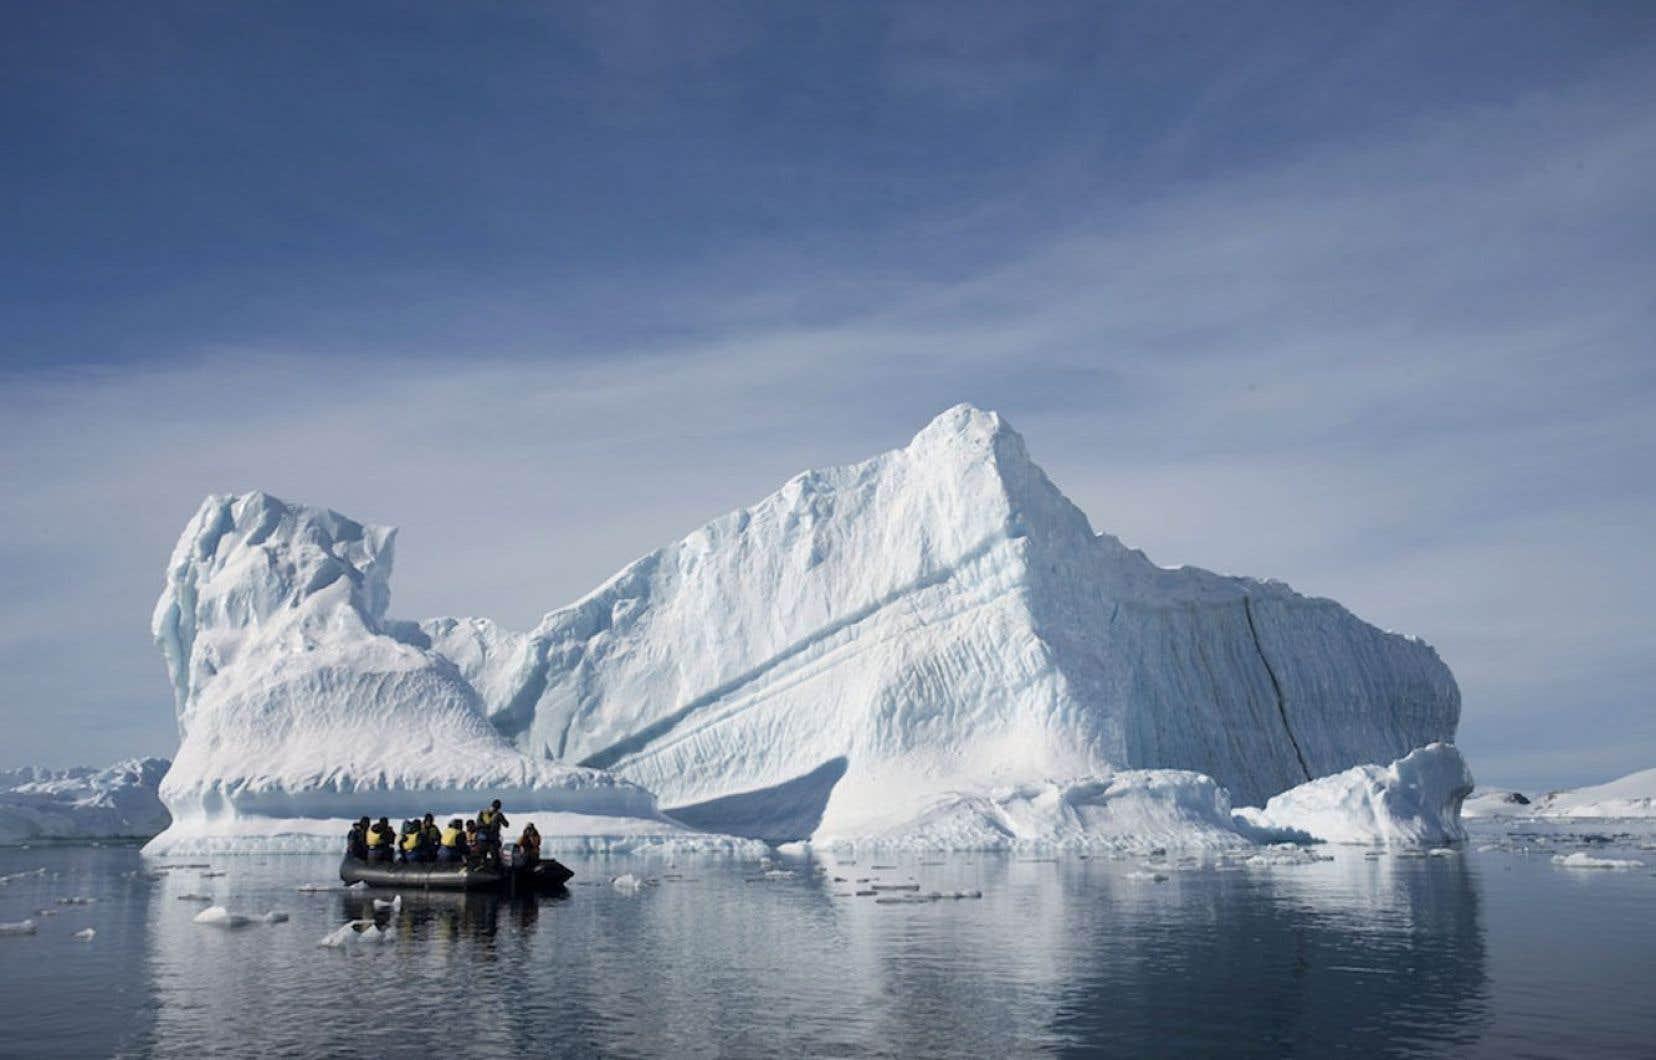 Les eaux de l'océan Austral autour de l'Antarctique abritent des écosystèmes exceptionnels, avec des milliers d'espèces animales.